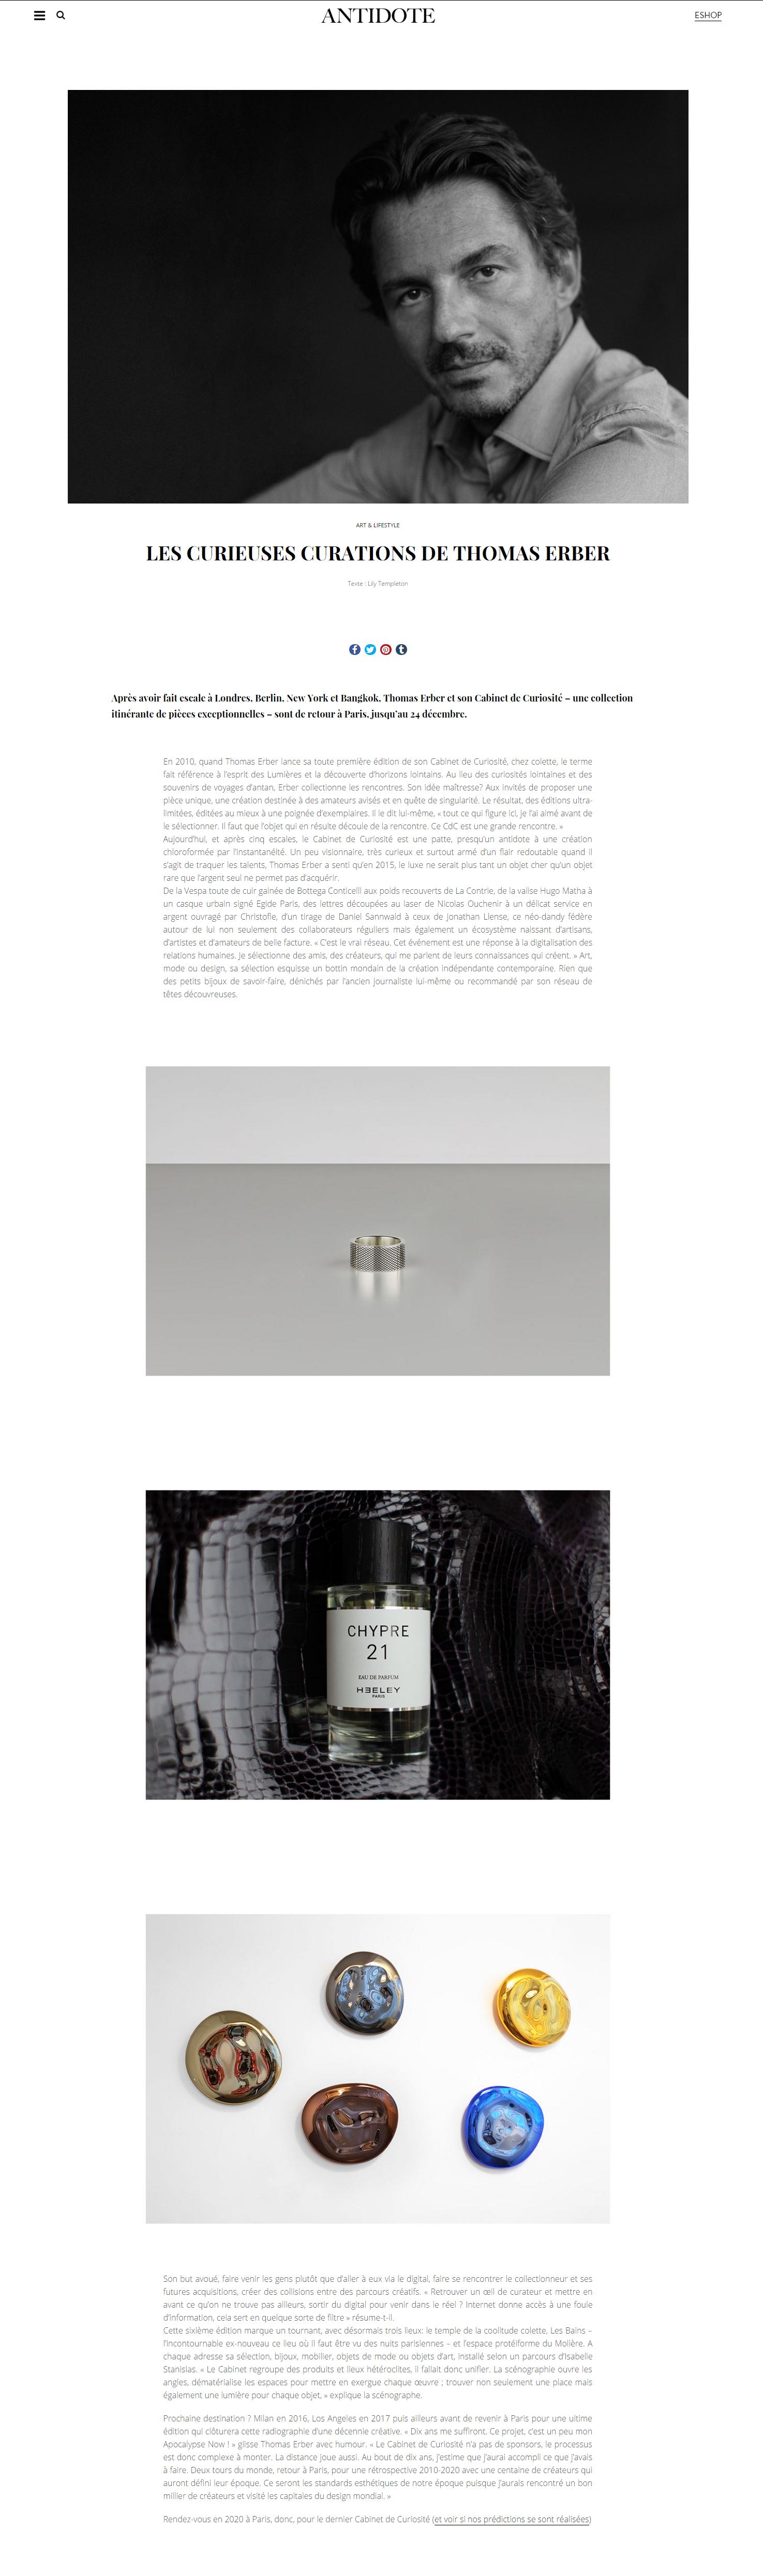 2015-12-magazineantidote-thomas-erber